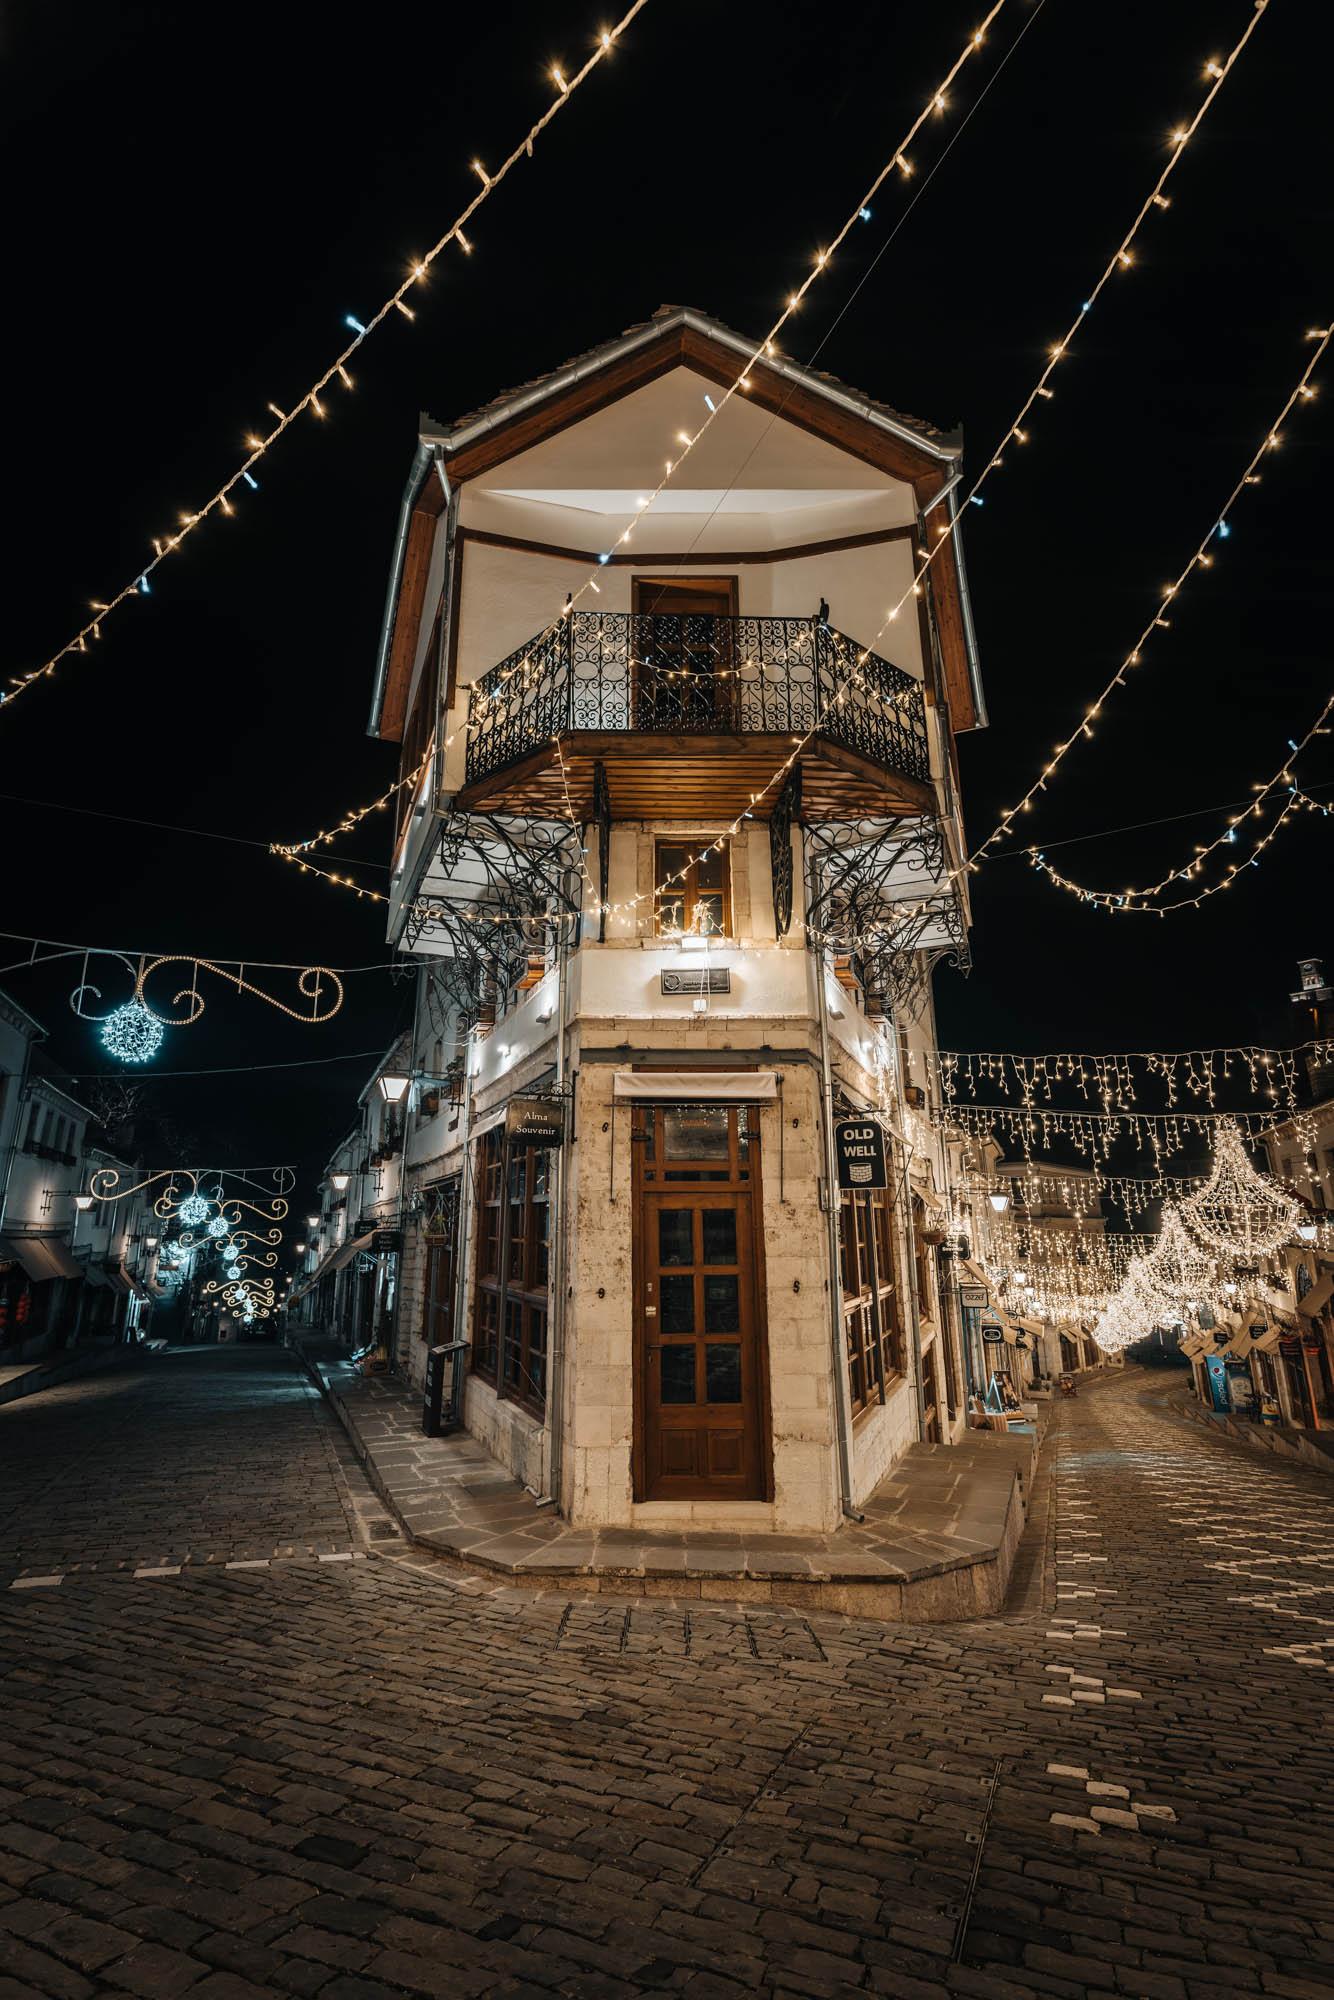 Winter in Albanien – Teil 3: Die sonnige Riviera und kulturellen Schätze im Süden von Albanien © Johannes Hulsch